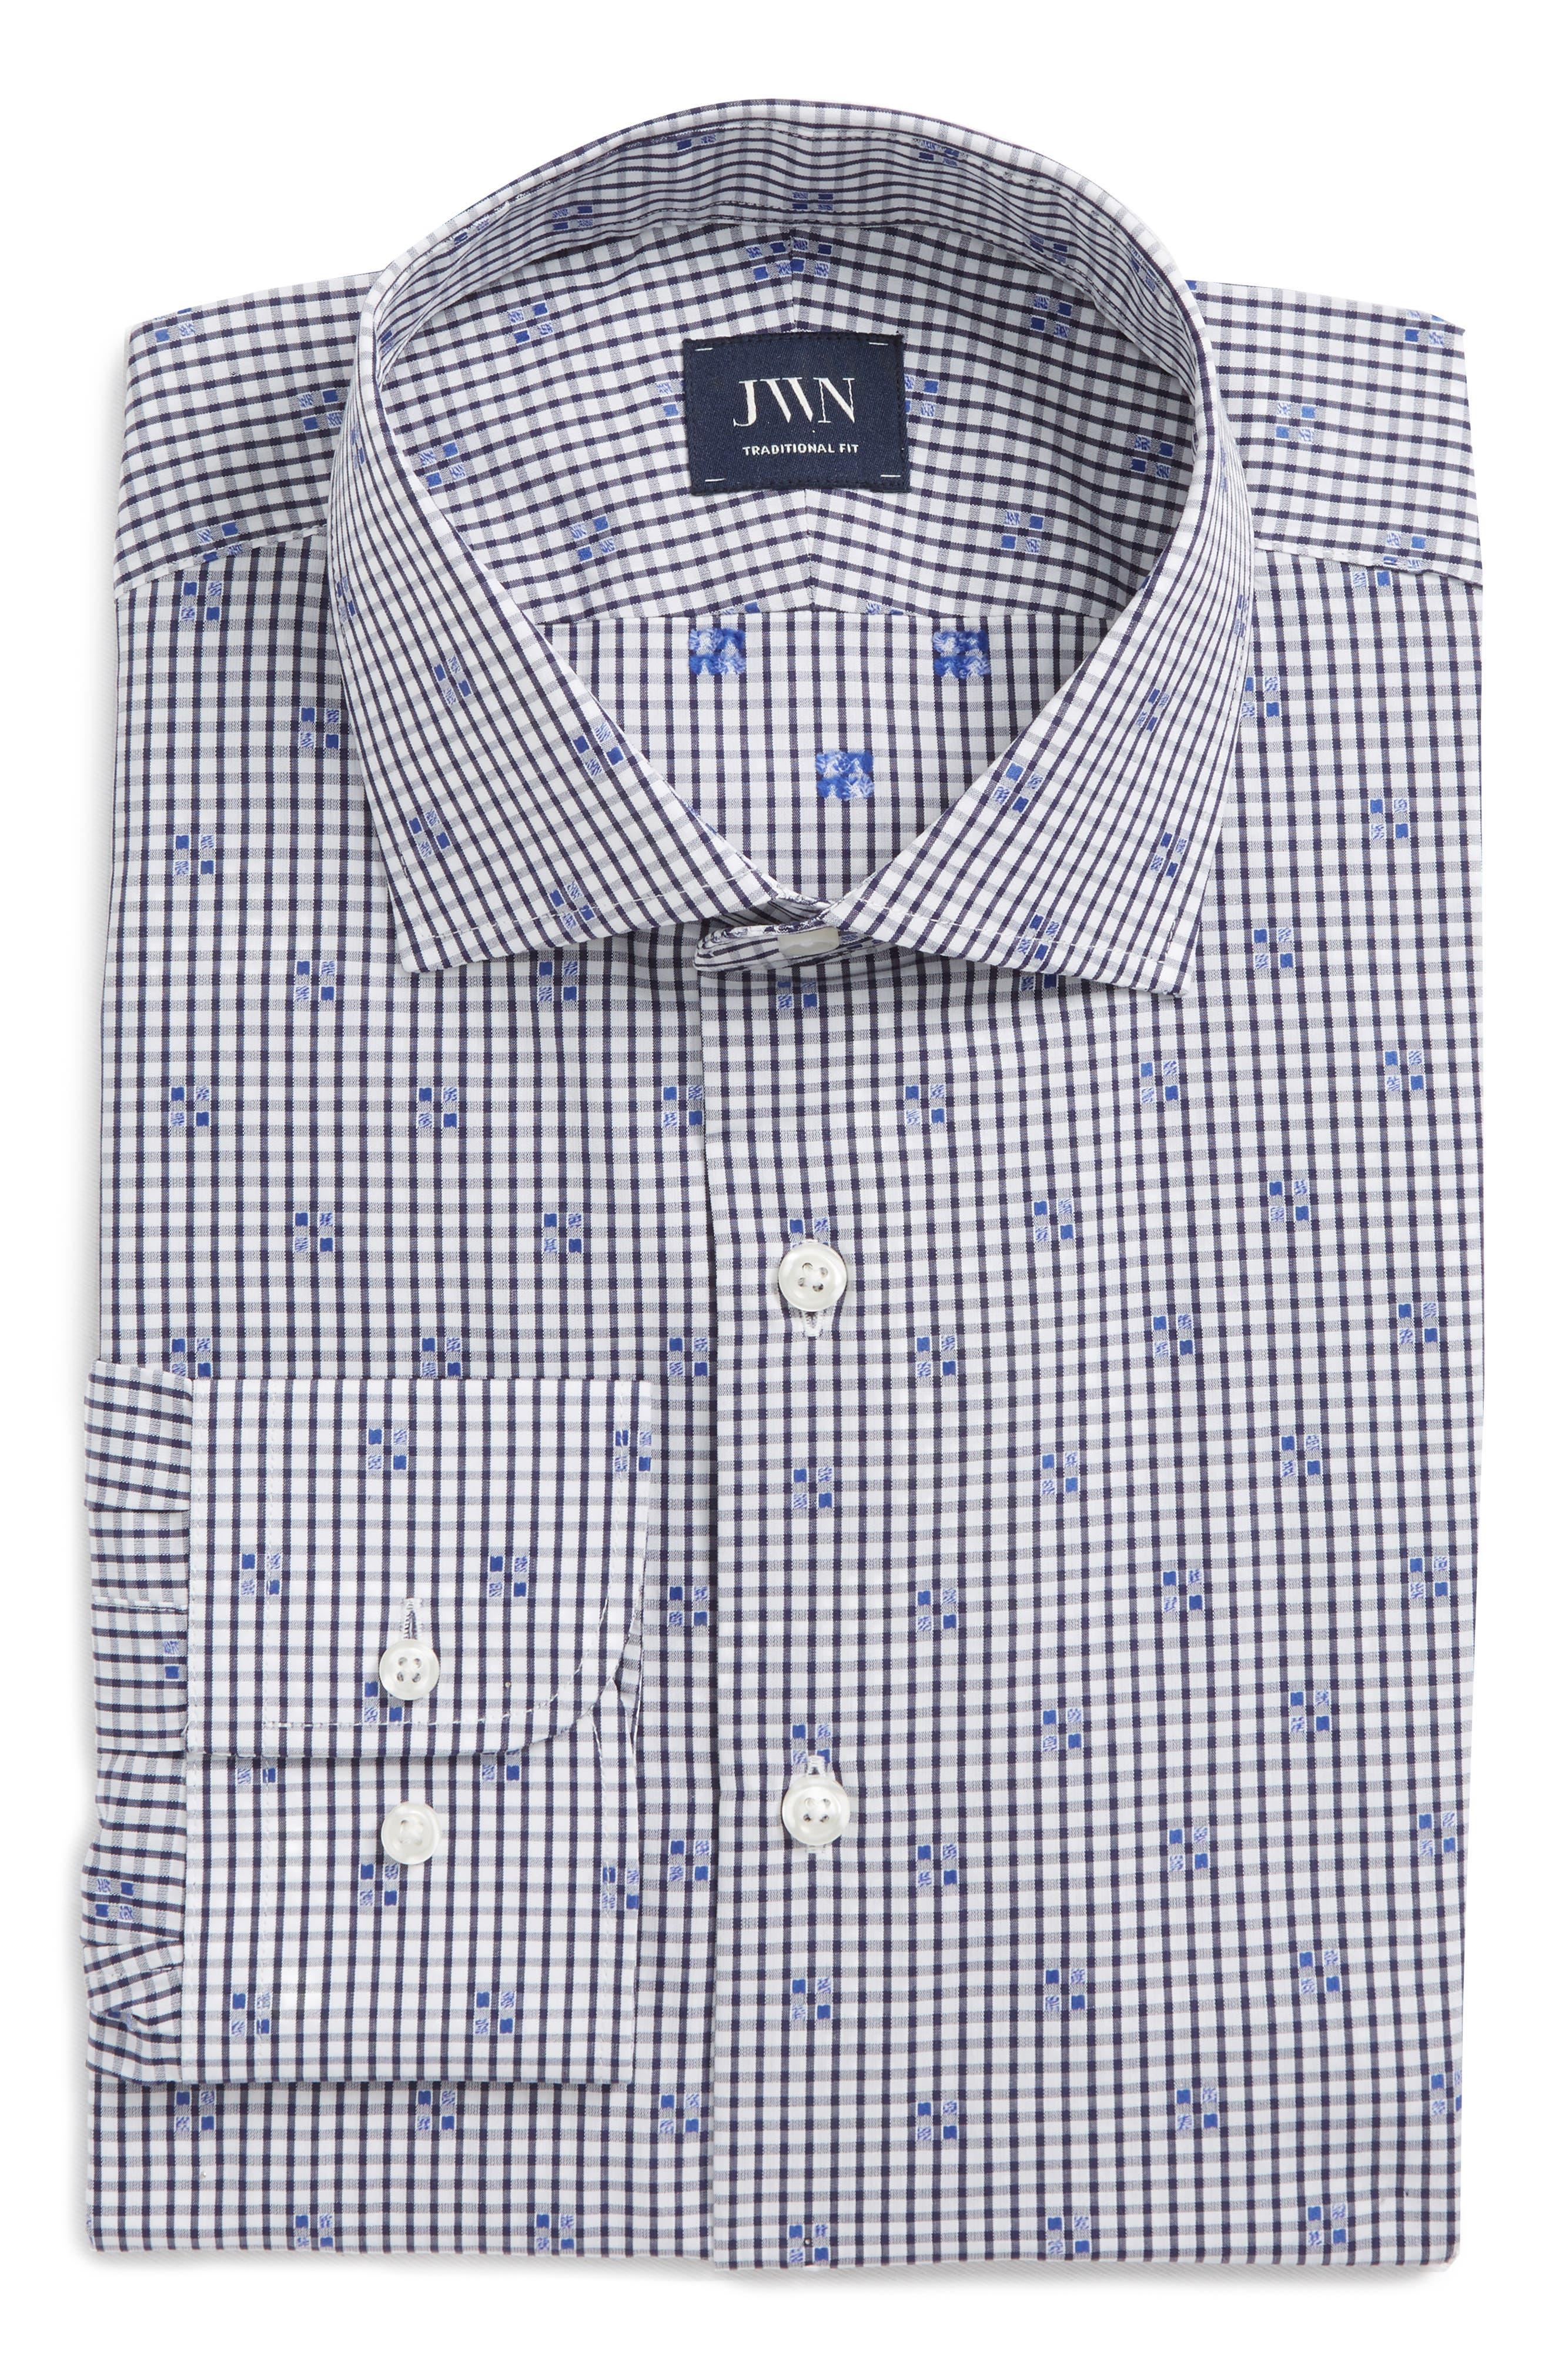 Trim Fit Check Dress Shirt,                             Alternate thumbnail 5, color,                             410